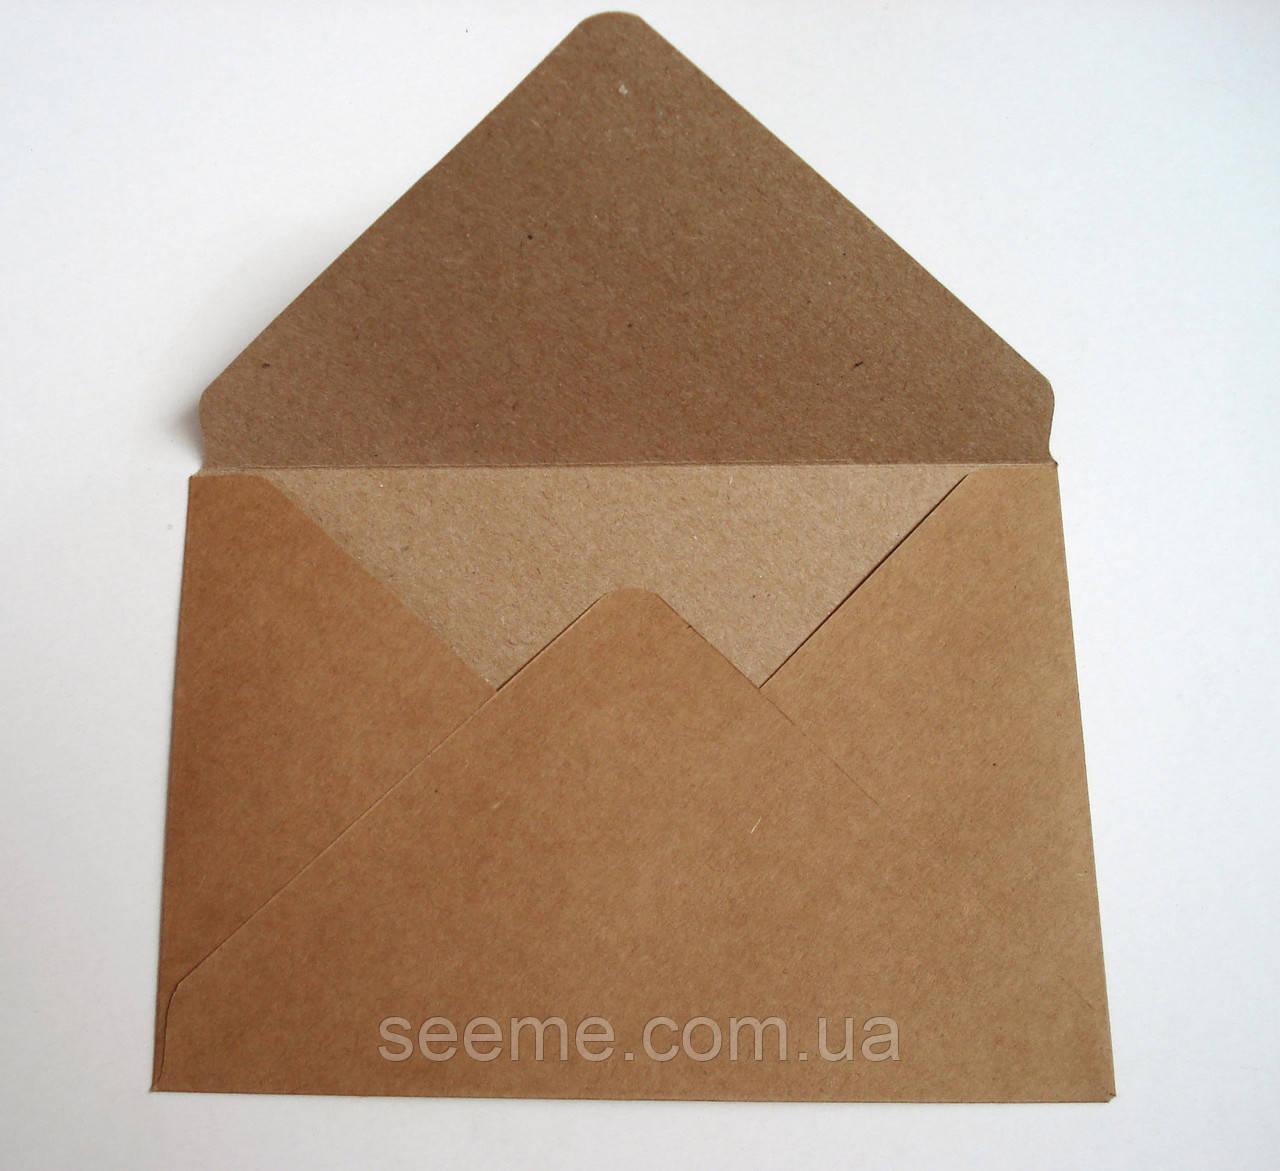 Конверт з крафт паперу, 170х120 мм